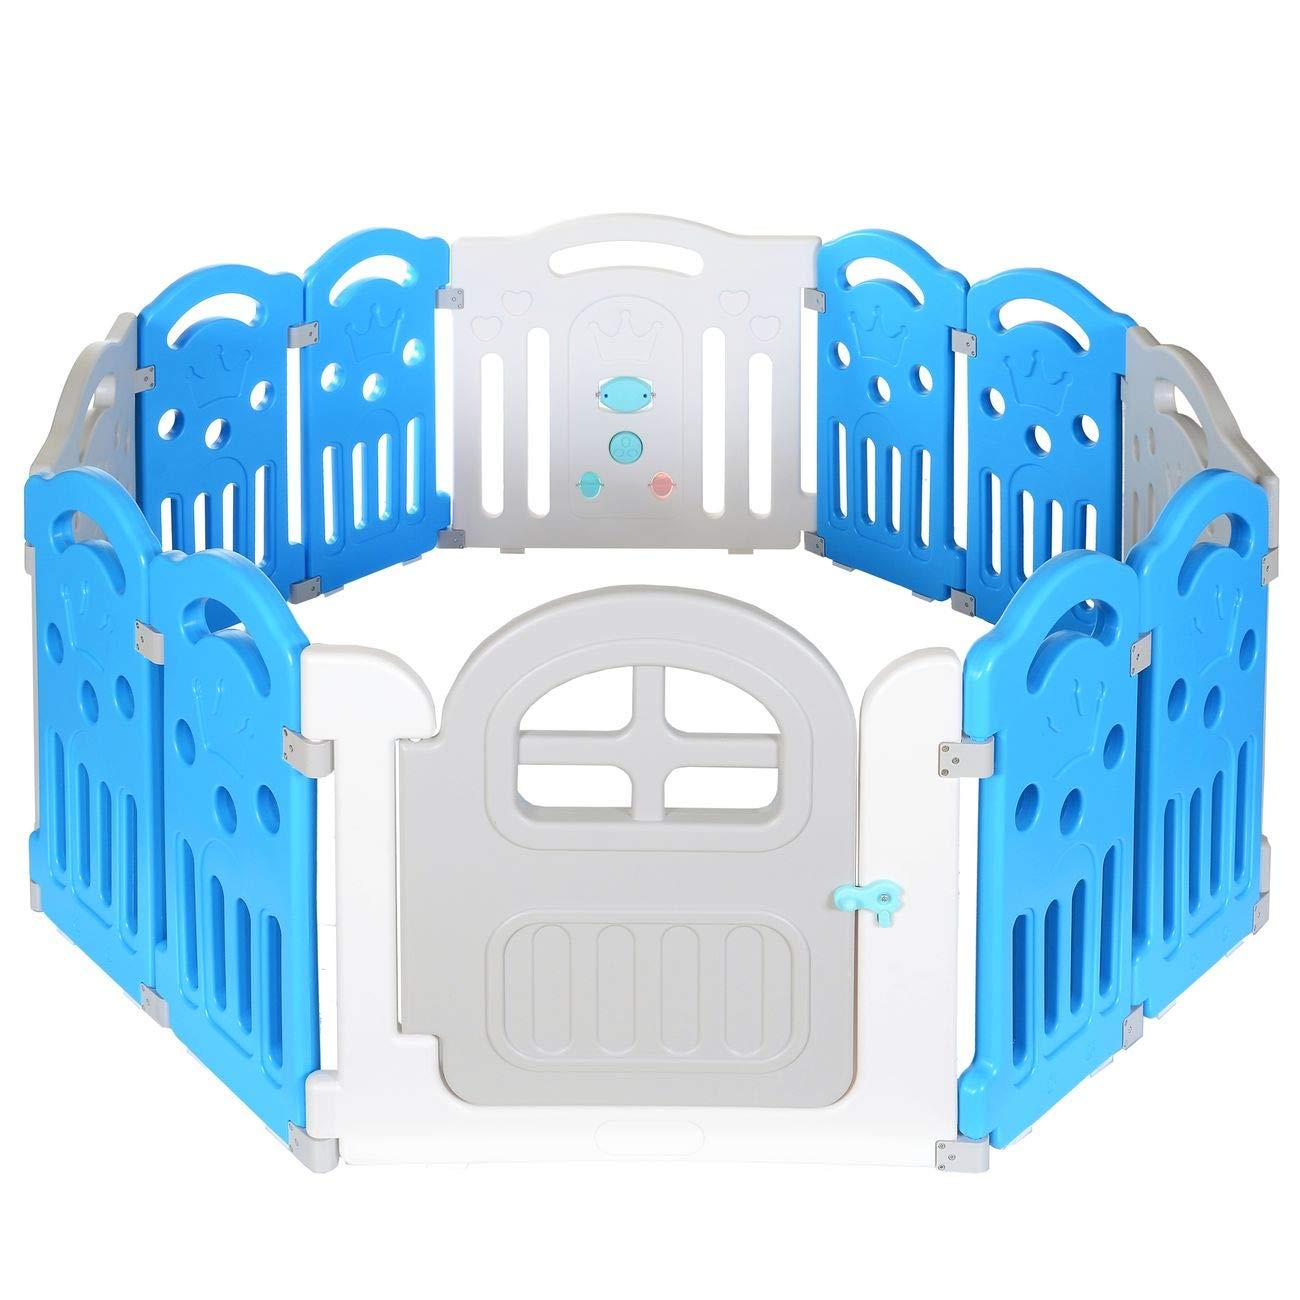 Corral 8 Caras | Parque Juegos Infantil | Barrera de Seguridad Bebé; Blanco Azul product